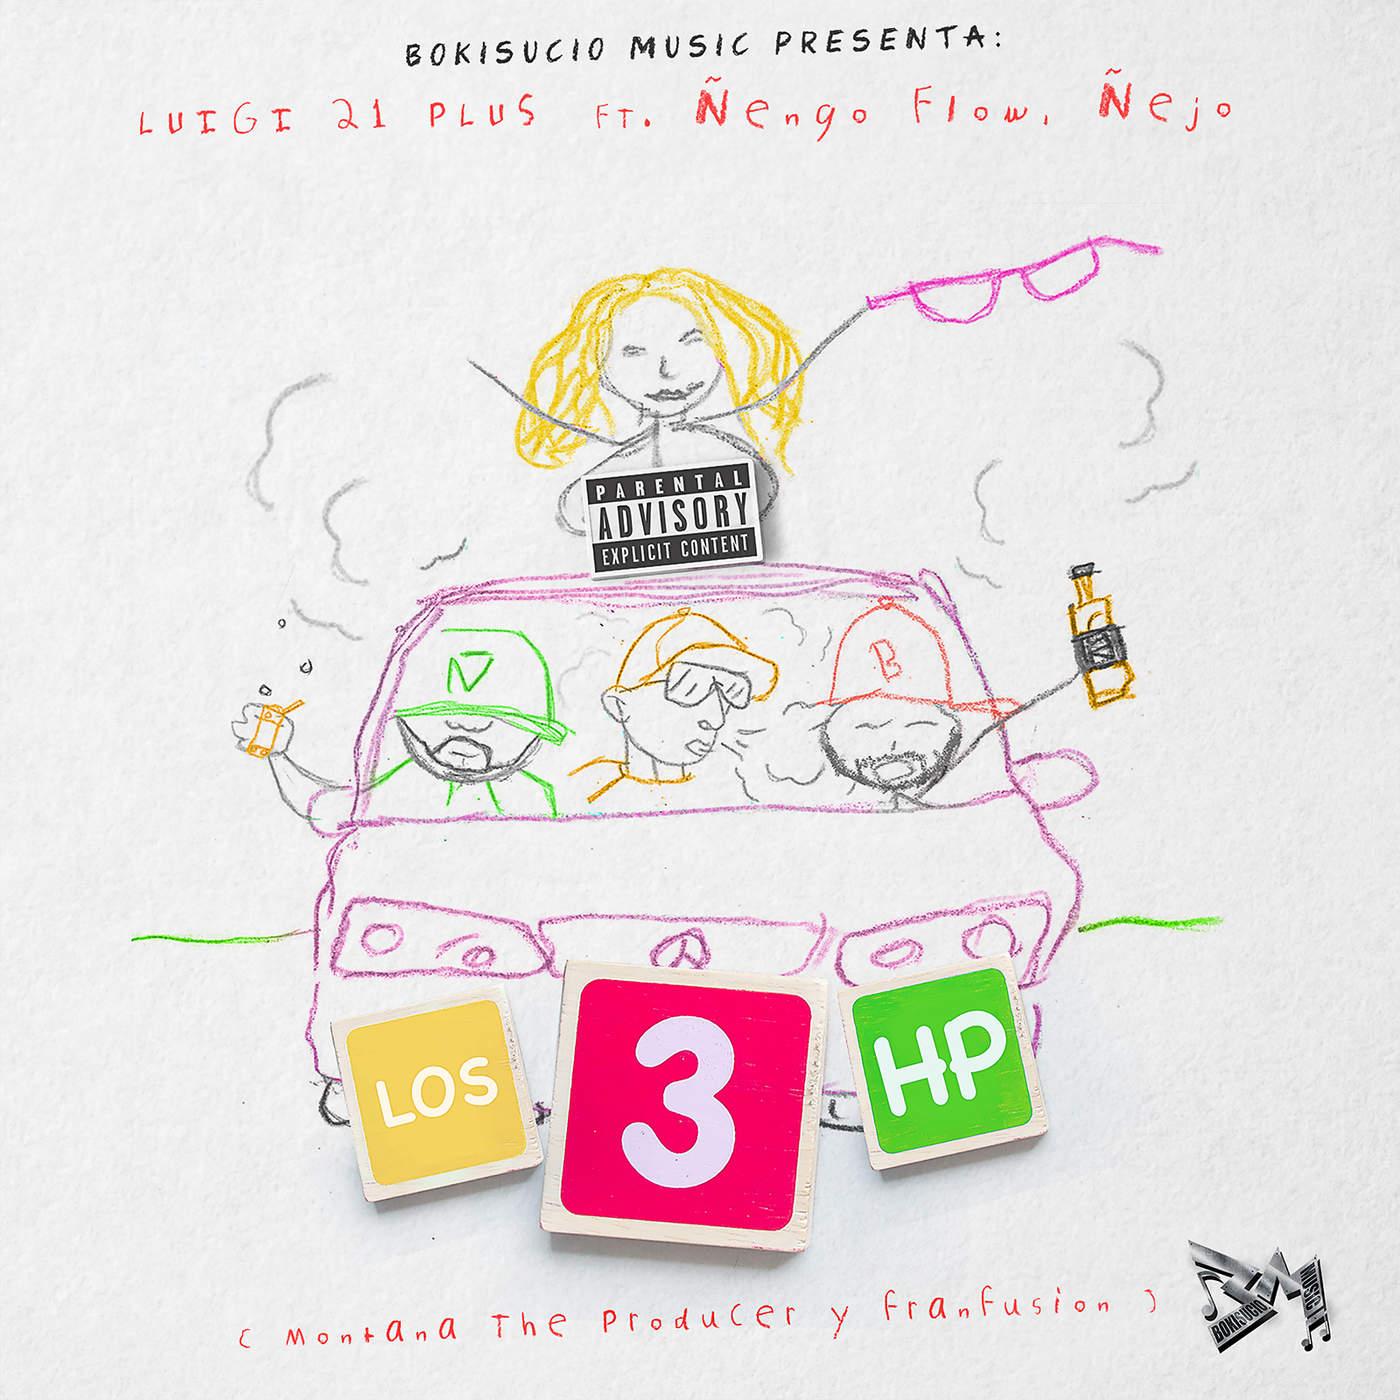 LOS 3 - Luigi 21 Plus Ft. Ñengo Flow Y Ñejo – Los 3 HP (Prod. Montana The Producer Y Fran Fusion)